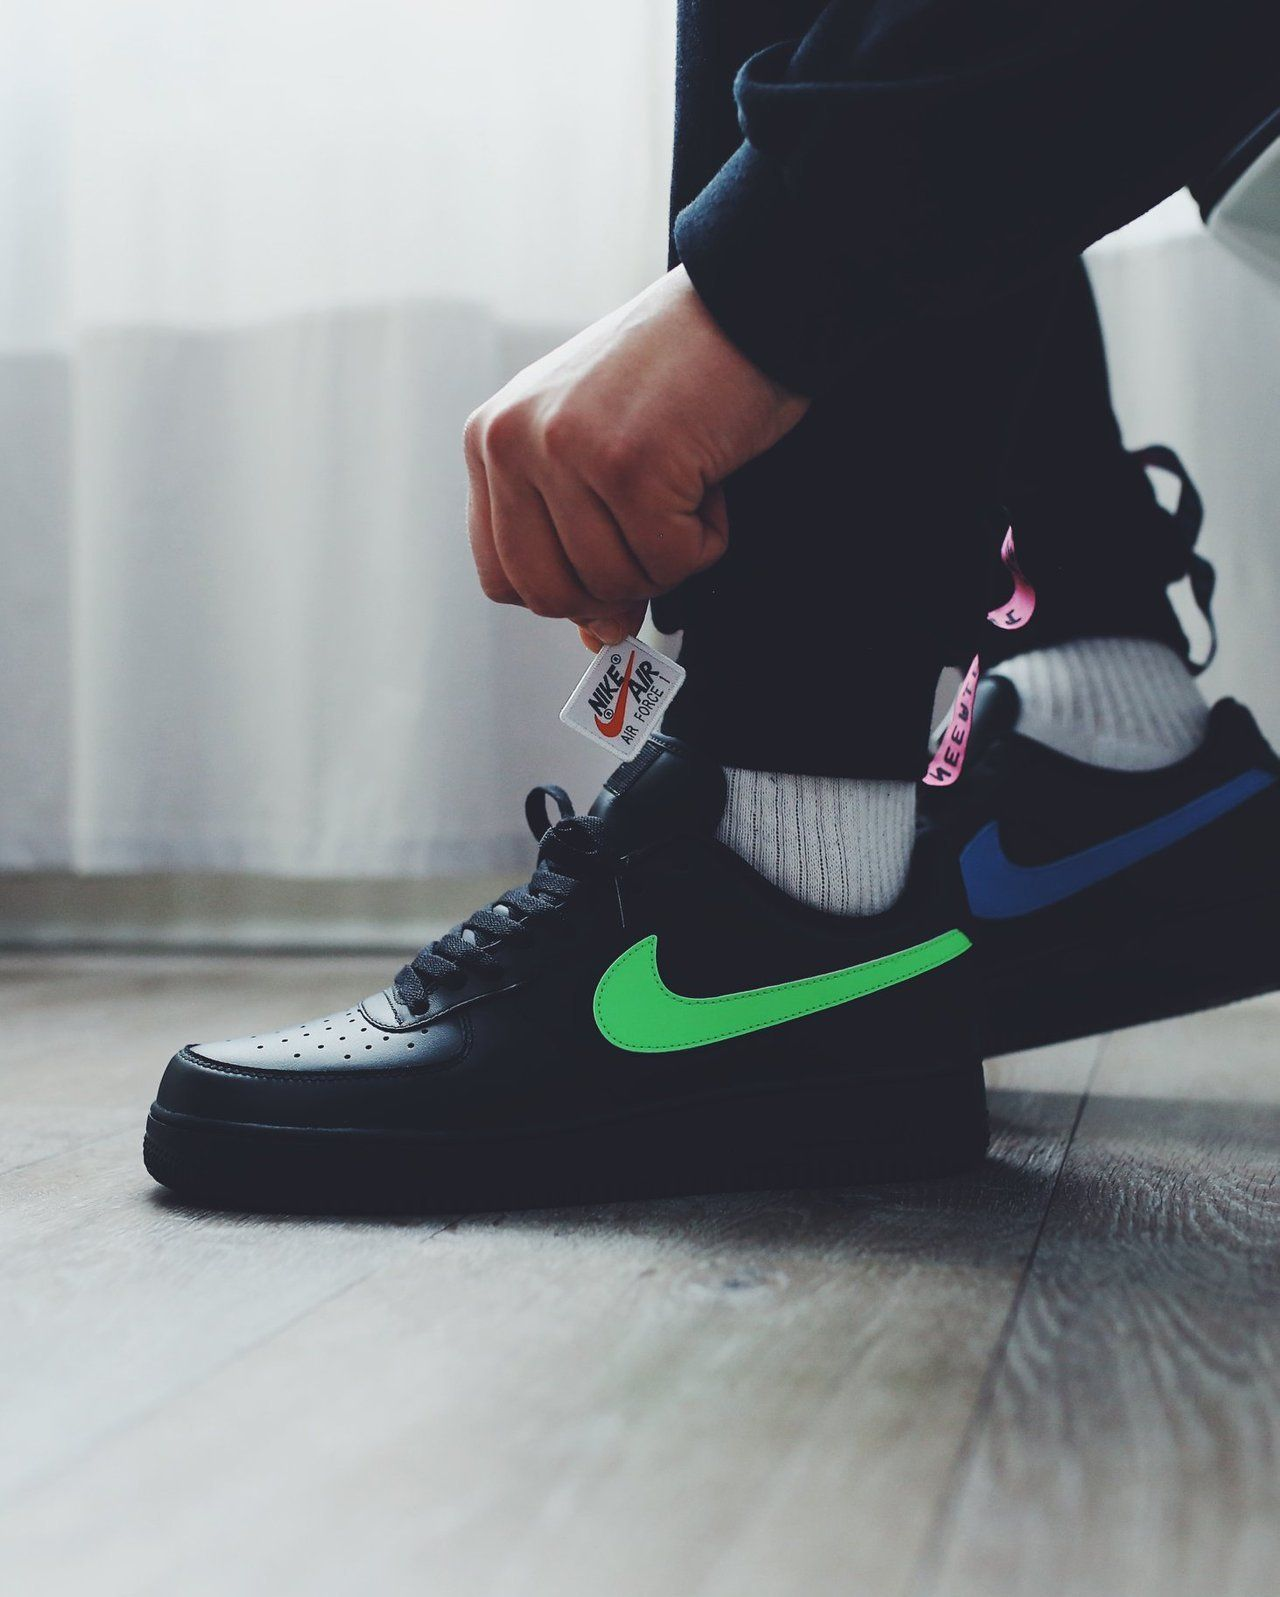 Nike Air Force 1 07 Qs Velcro Swoosh Pack Nike Air Nike Nike Air Force